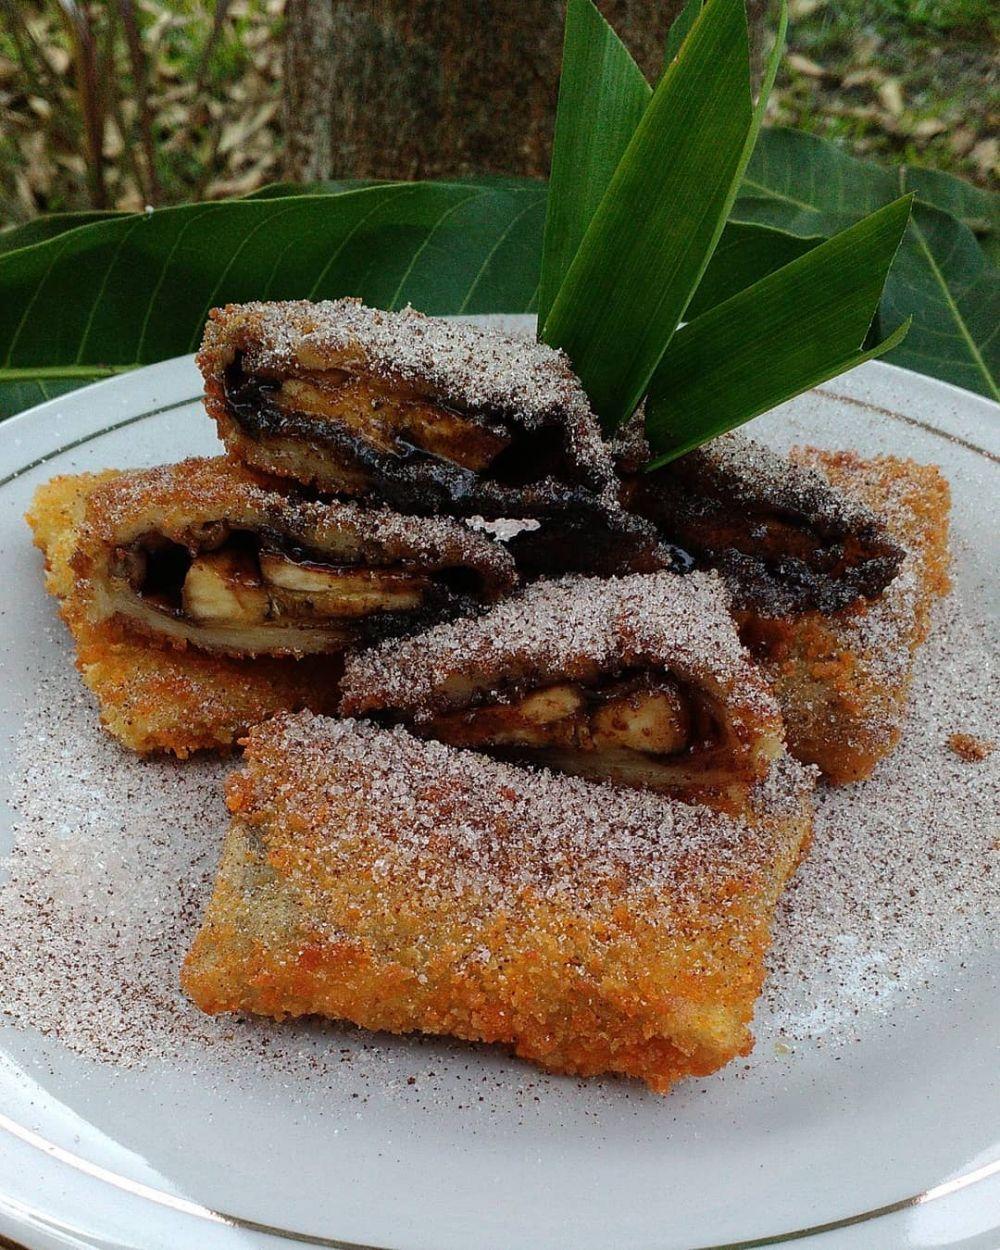 resep pisang cokelat © 2020 brilio.net Instagram/@antilapar.id ;  Instagram/@dessivilast